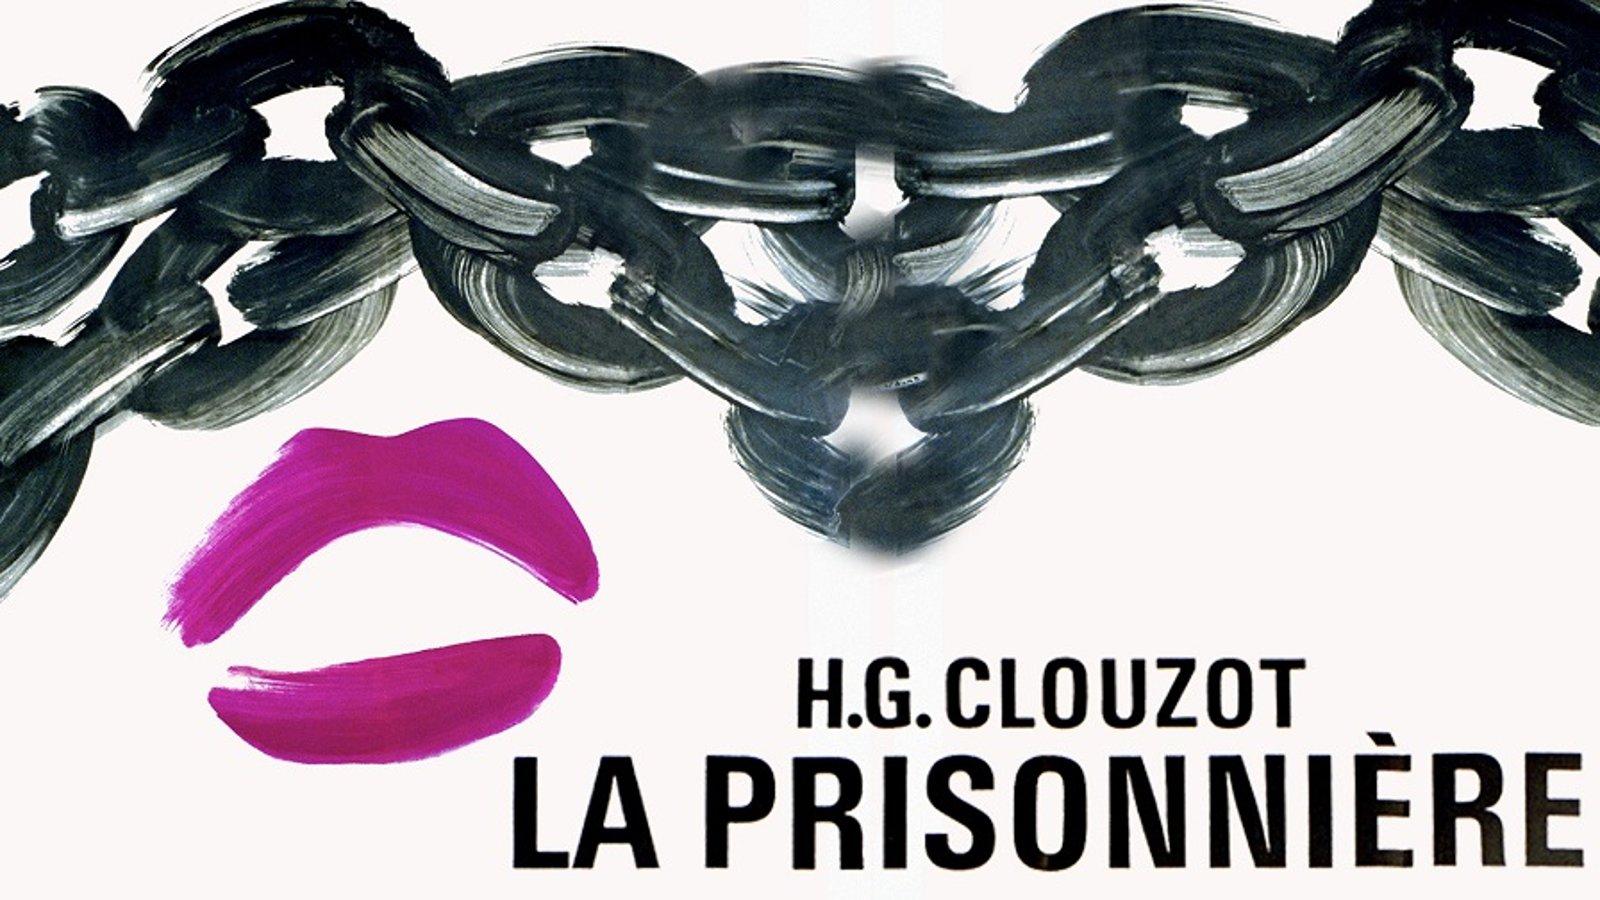 The Prisoner - La Prisonnière